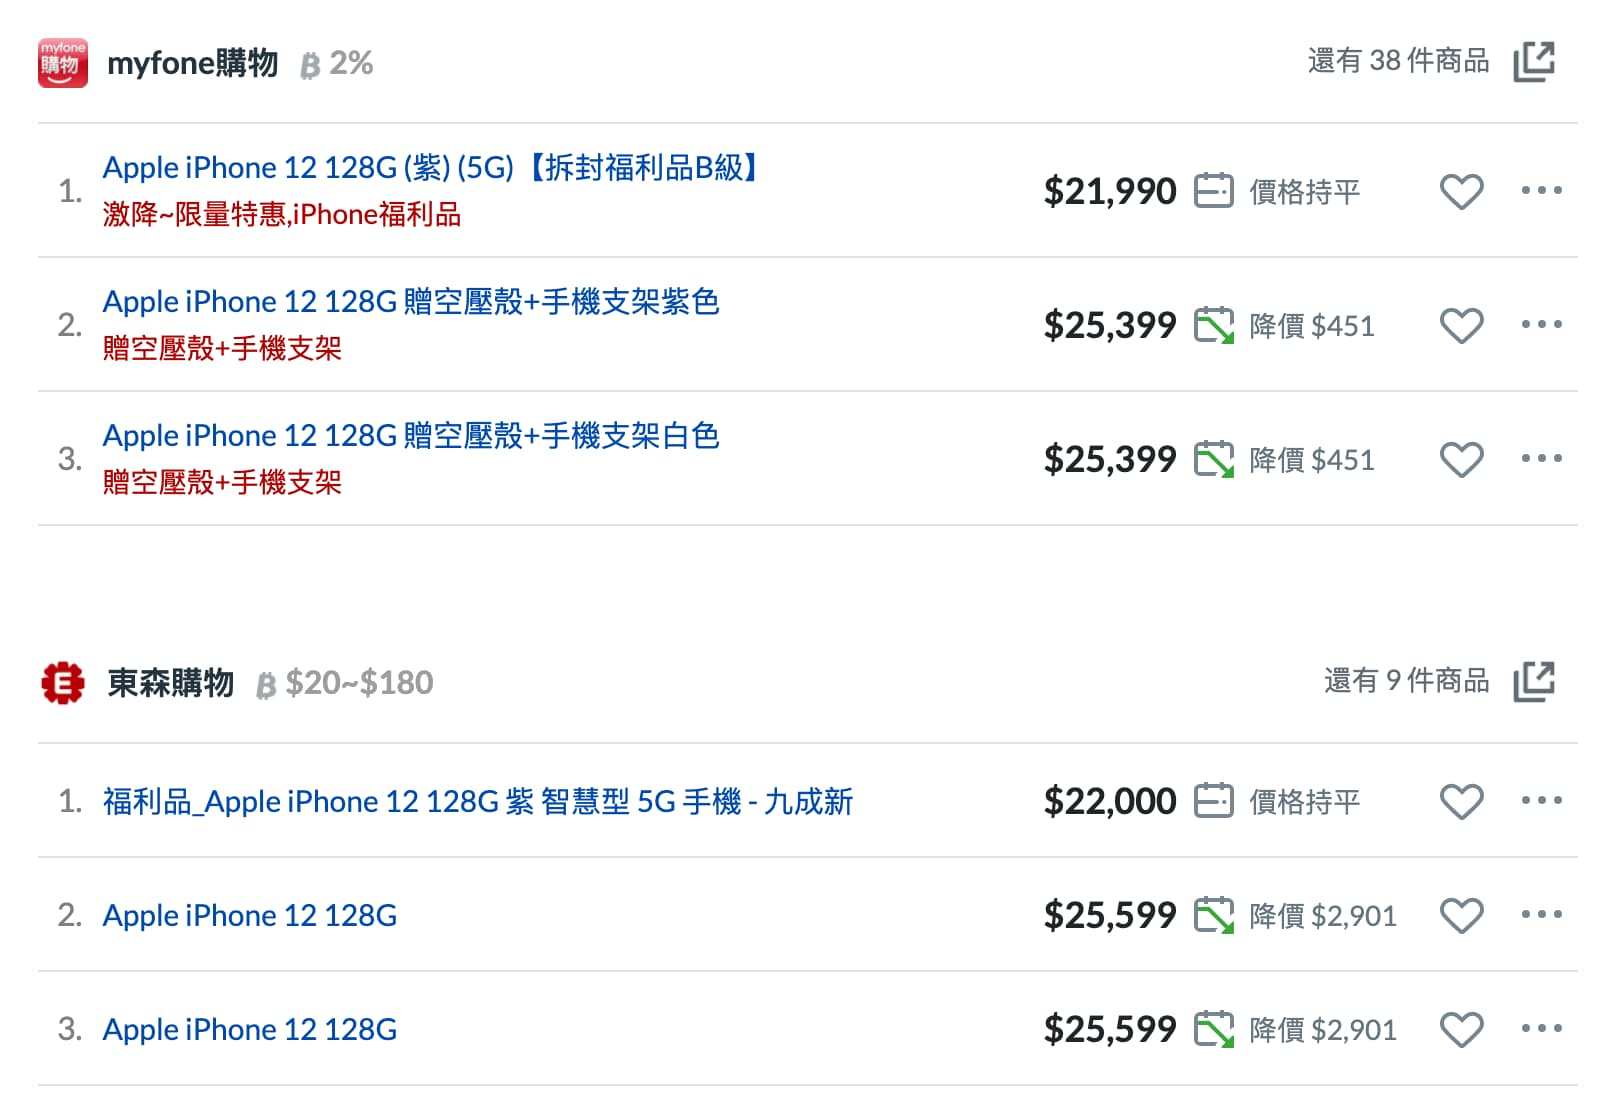 現在買 iPhone 12 會比較省錢嗎